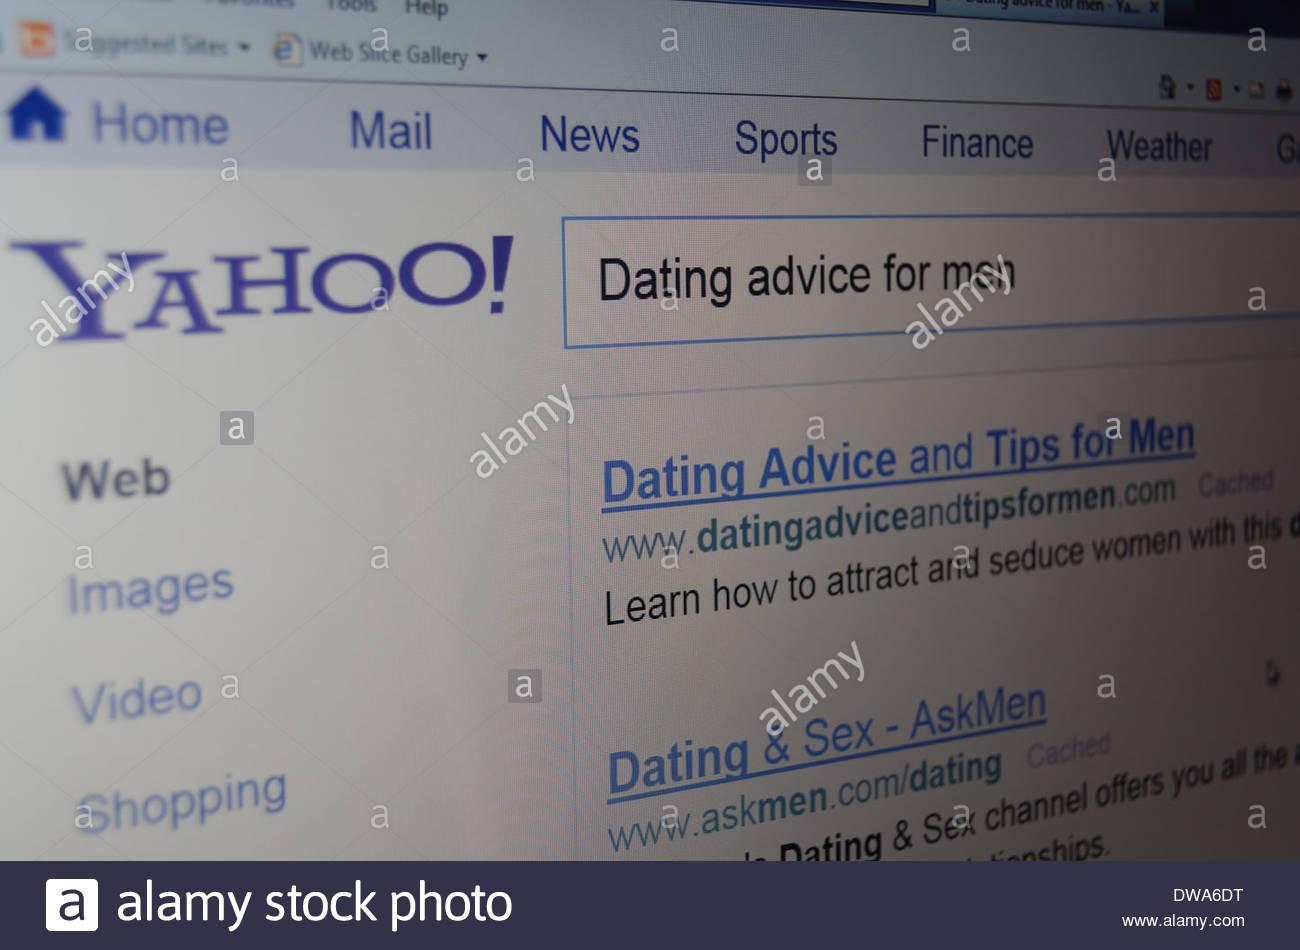 AskMen Internett dating